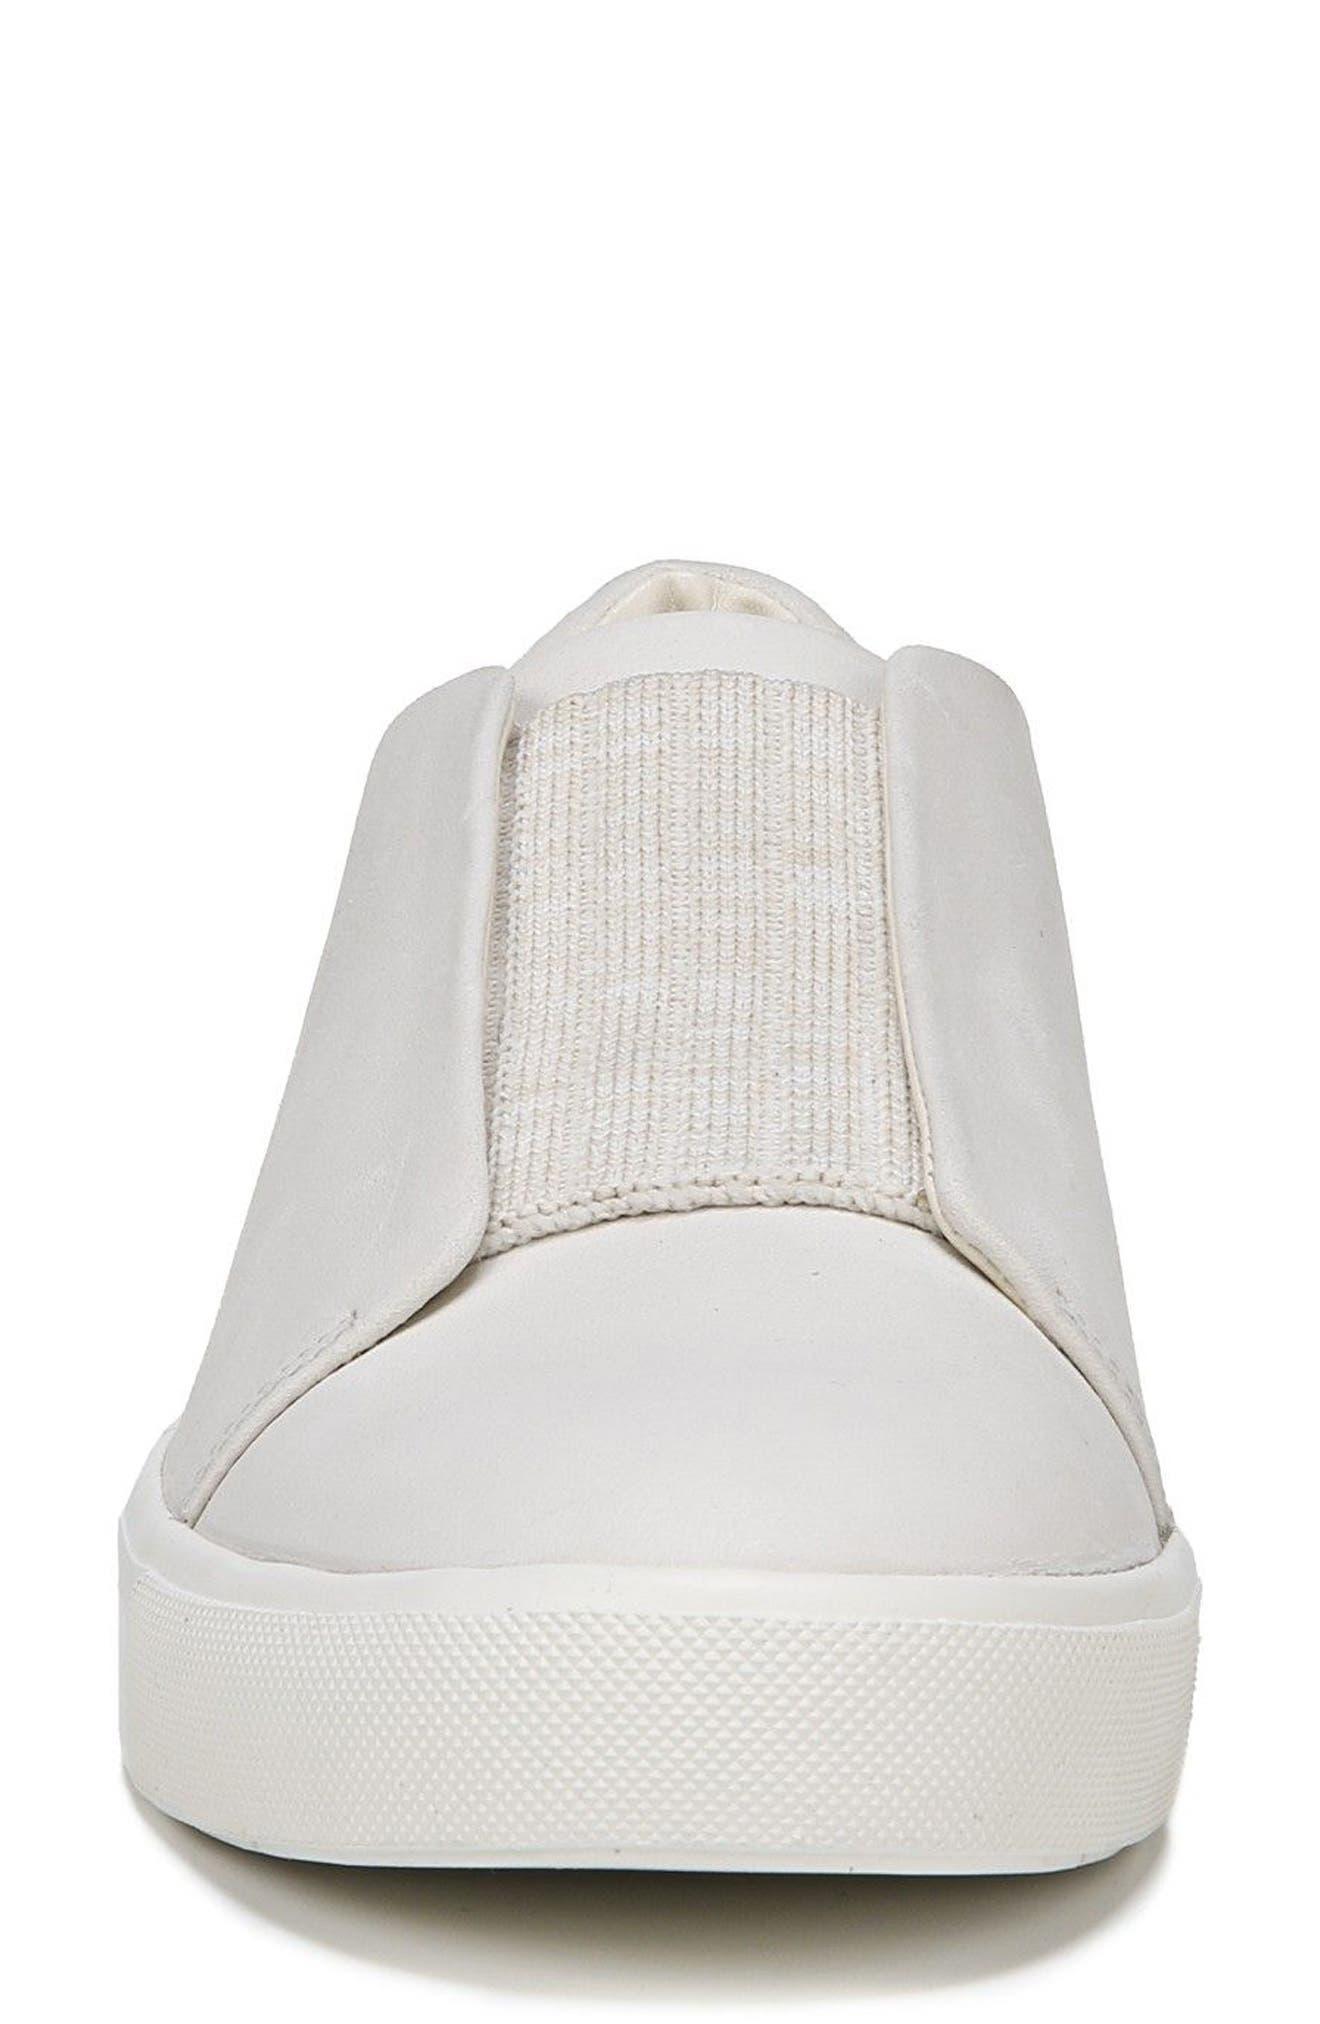 Cantara Slip-On Sneaker,                             Alternate thumbnail 4, color,                             CREAM MARL